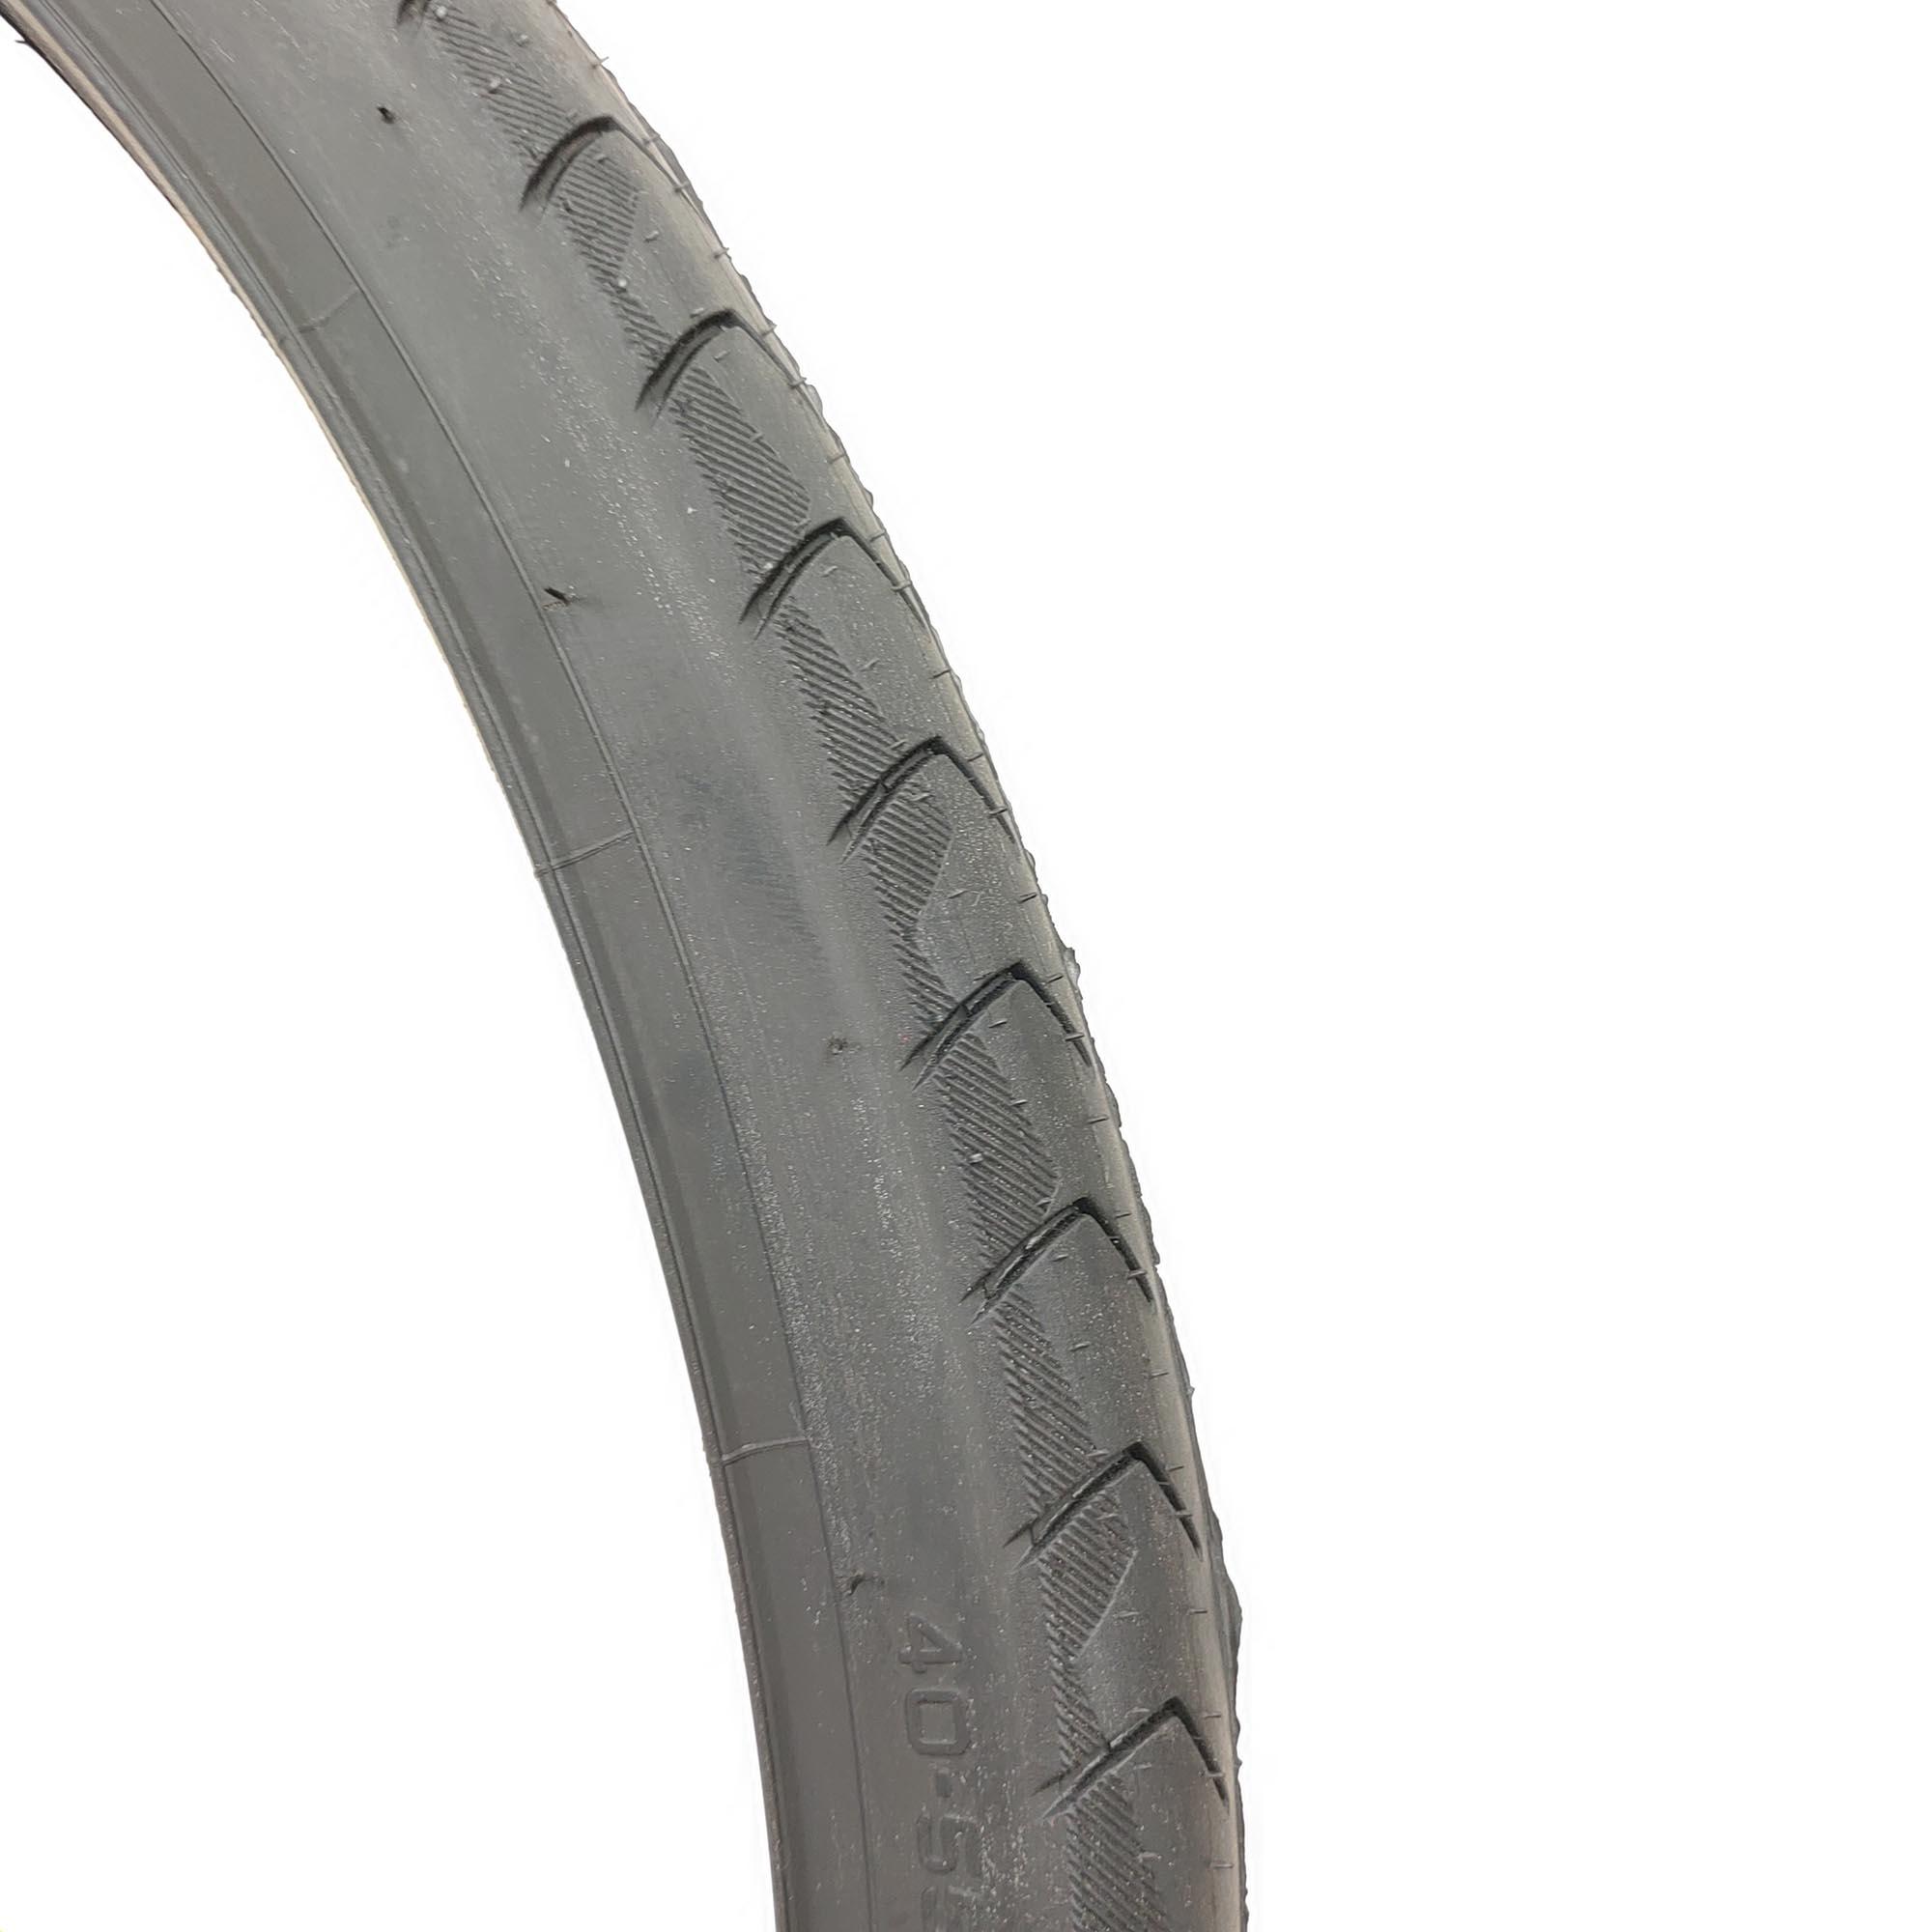 Pneu de Bicicleta Aro 26 Pirelli 1.50 Slick Phanton Street